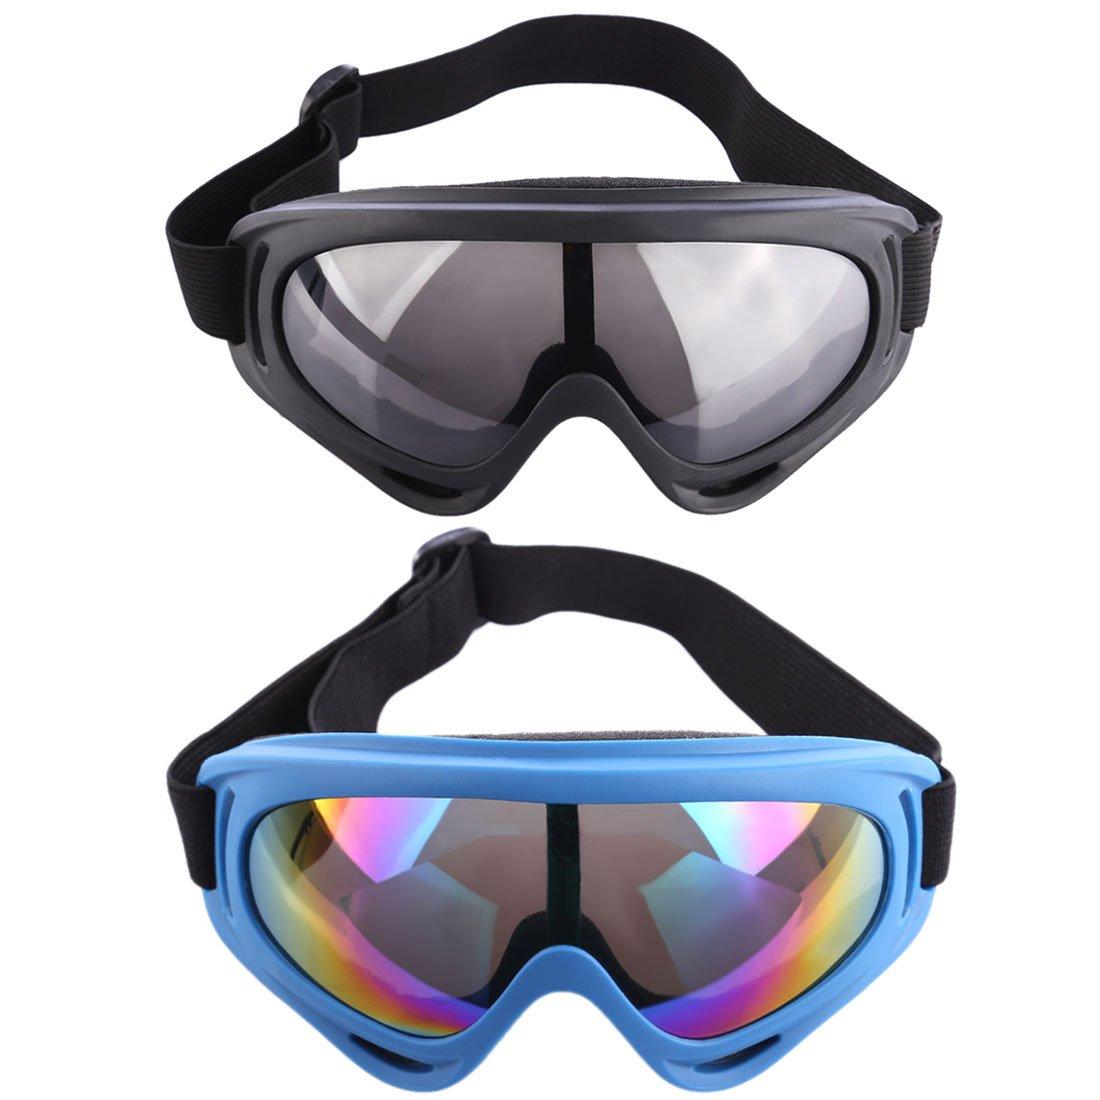 Occhiali da sole Nerf, Lommer Protezione Per Gli Occhi Protezione Per Gli Occhi. Protezione Per Gli Occhi